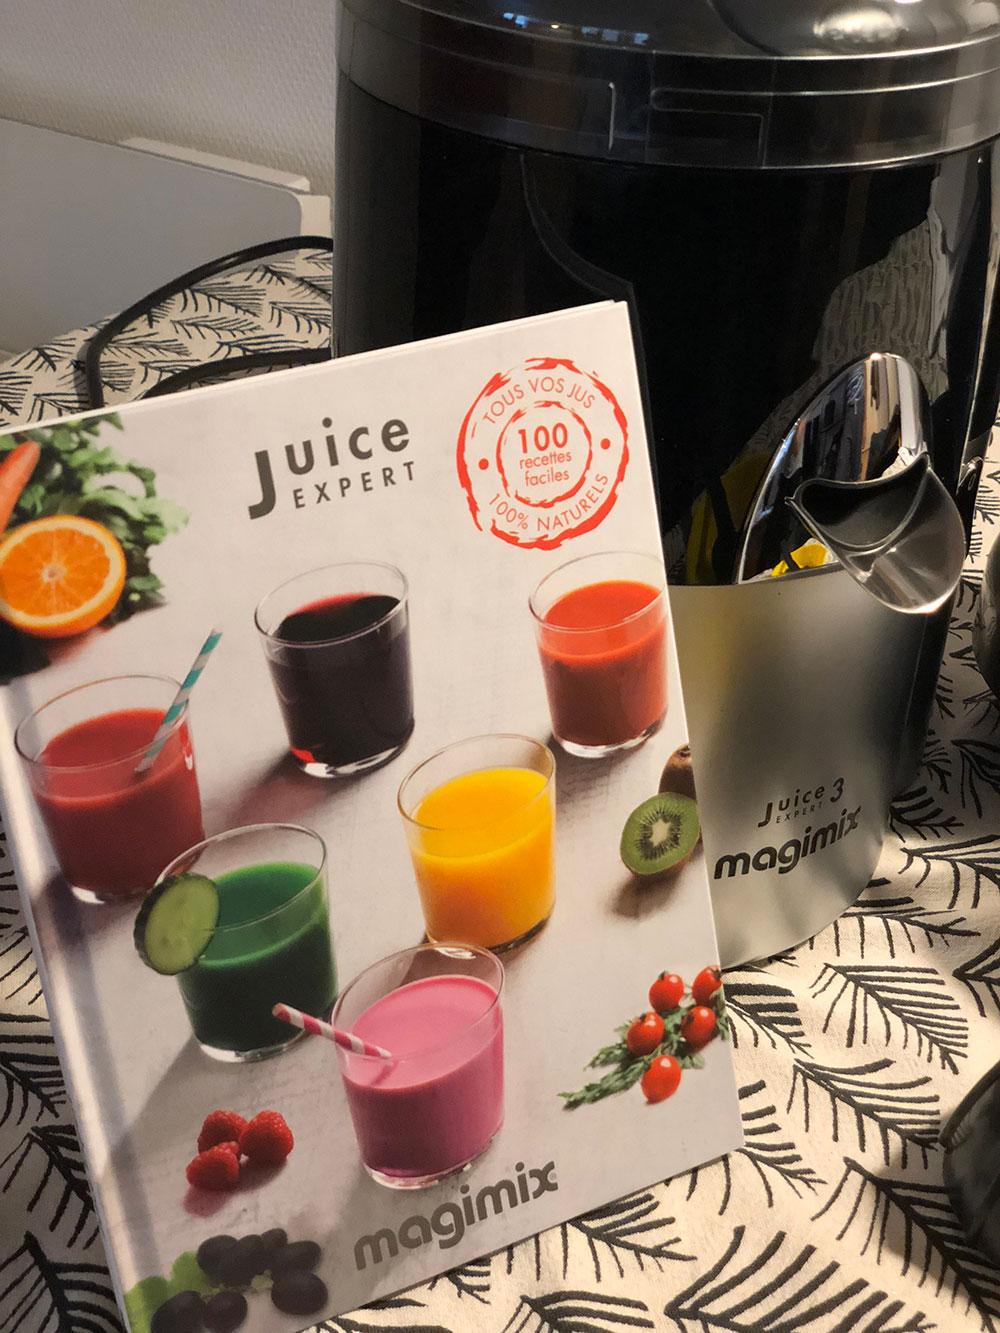 juice expert magimix recettes